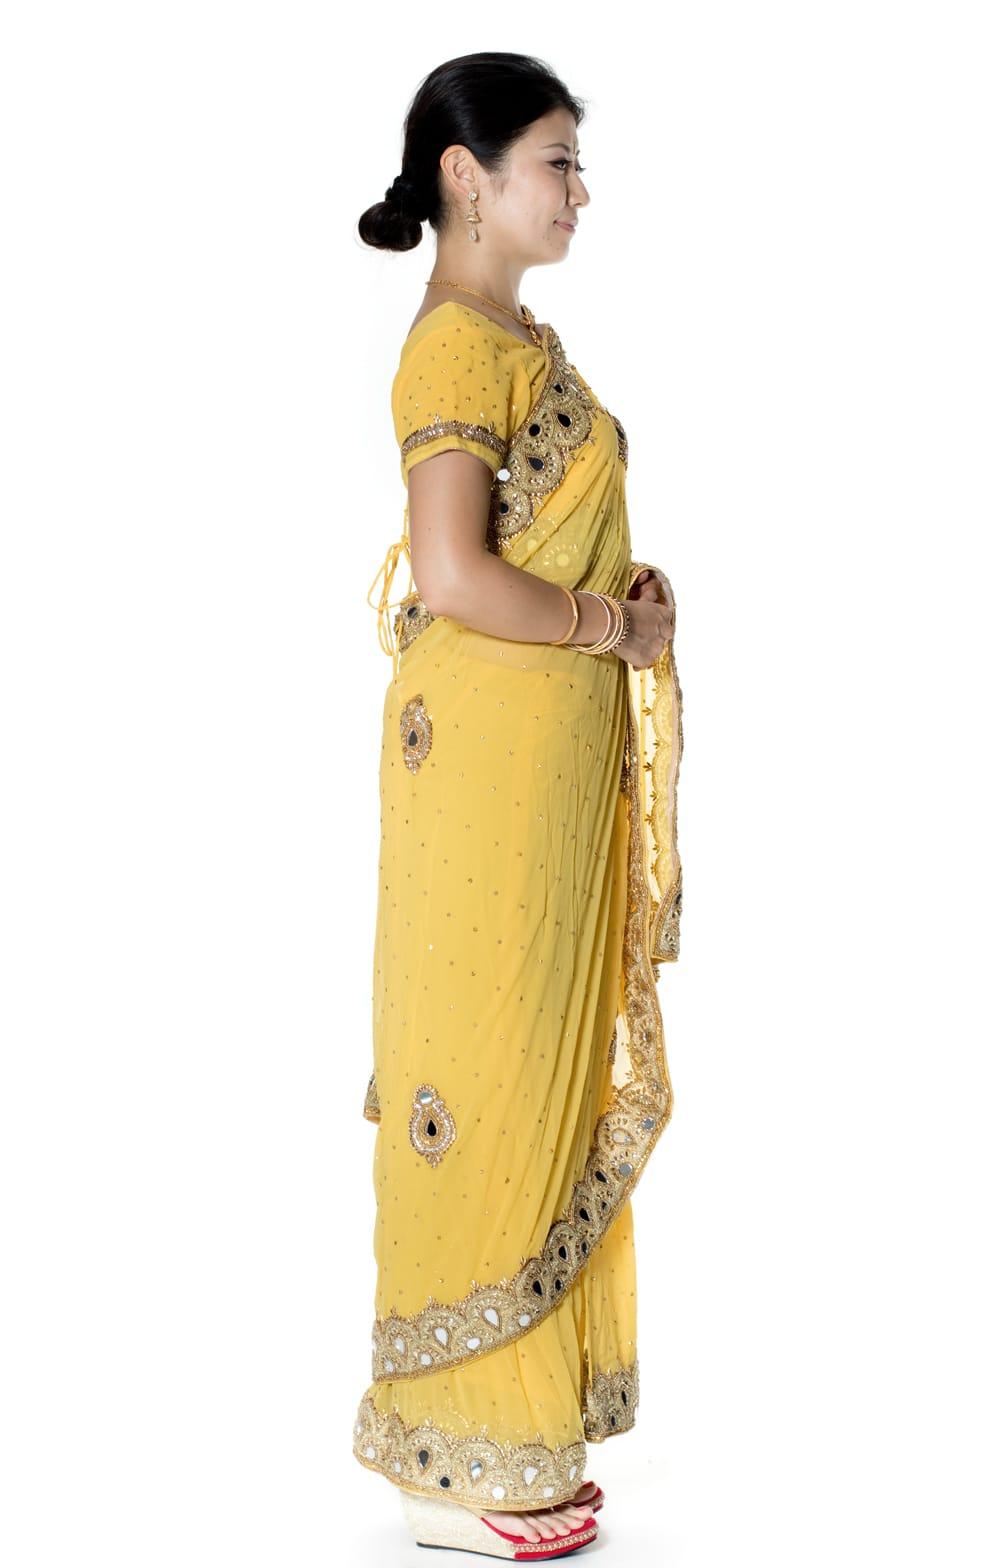 【一点物】ミラーワークと刺繍の婚礼用ゴージャス ジョーゼットサリー【チョリ付き】 - 黄色 4 - 横からの写真です